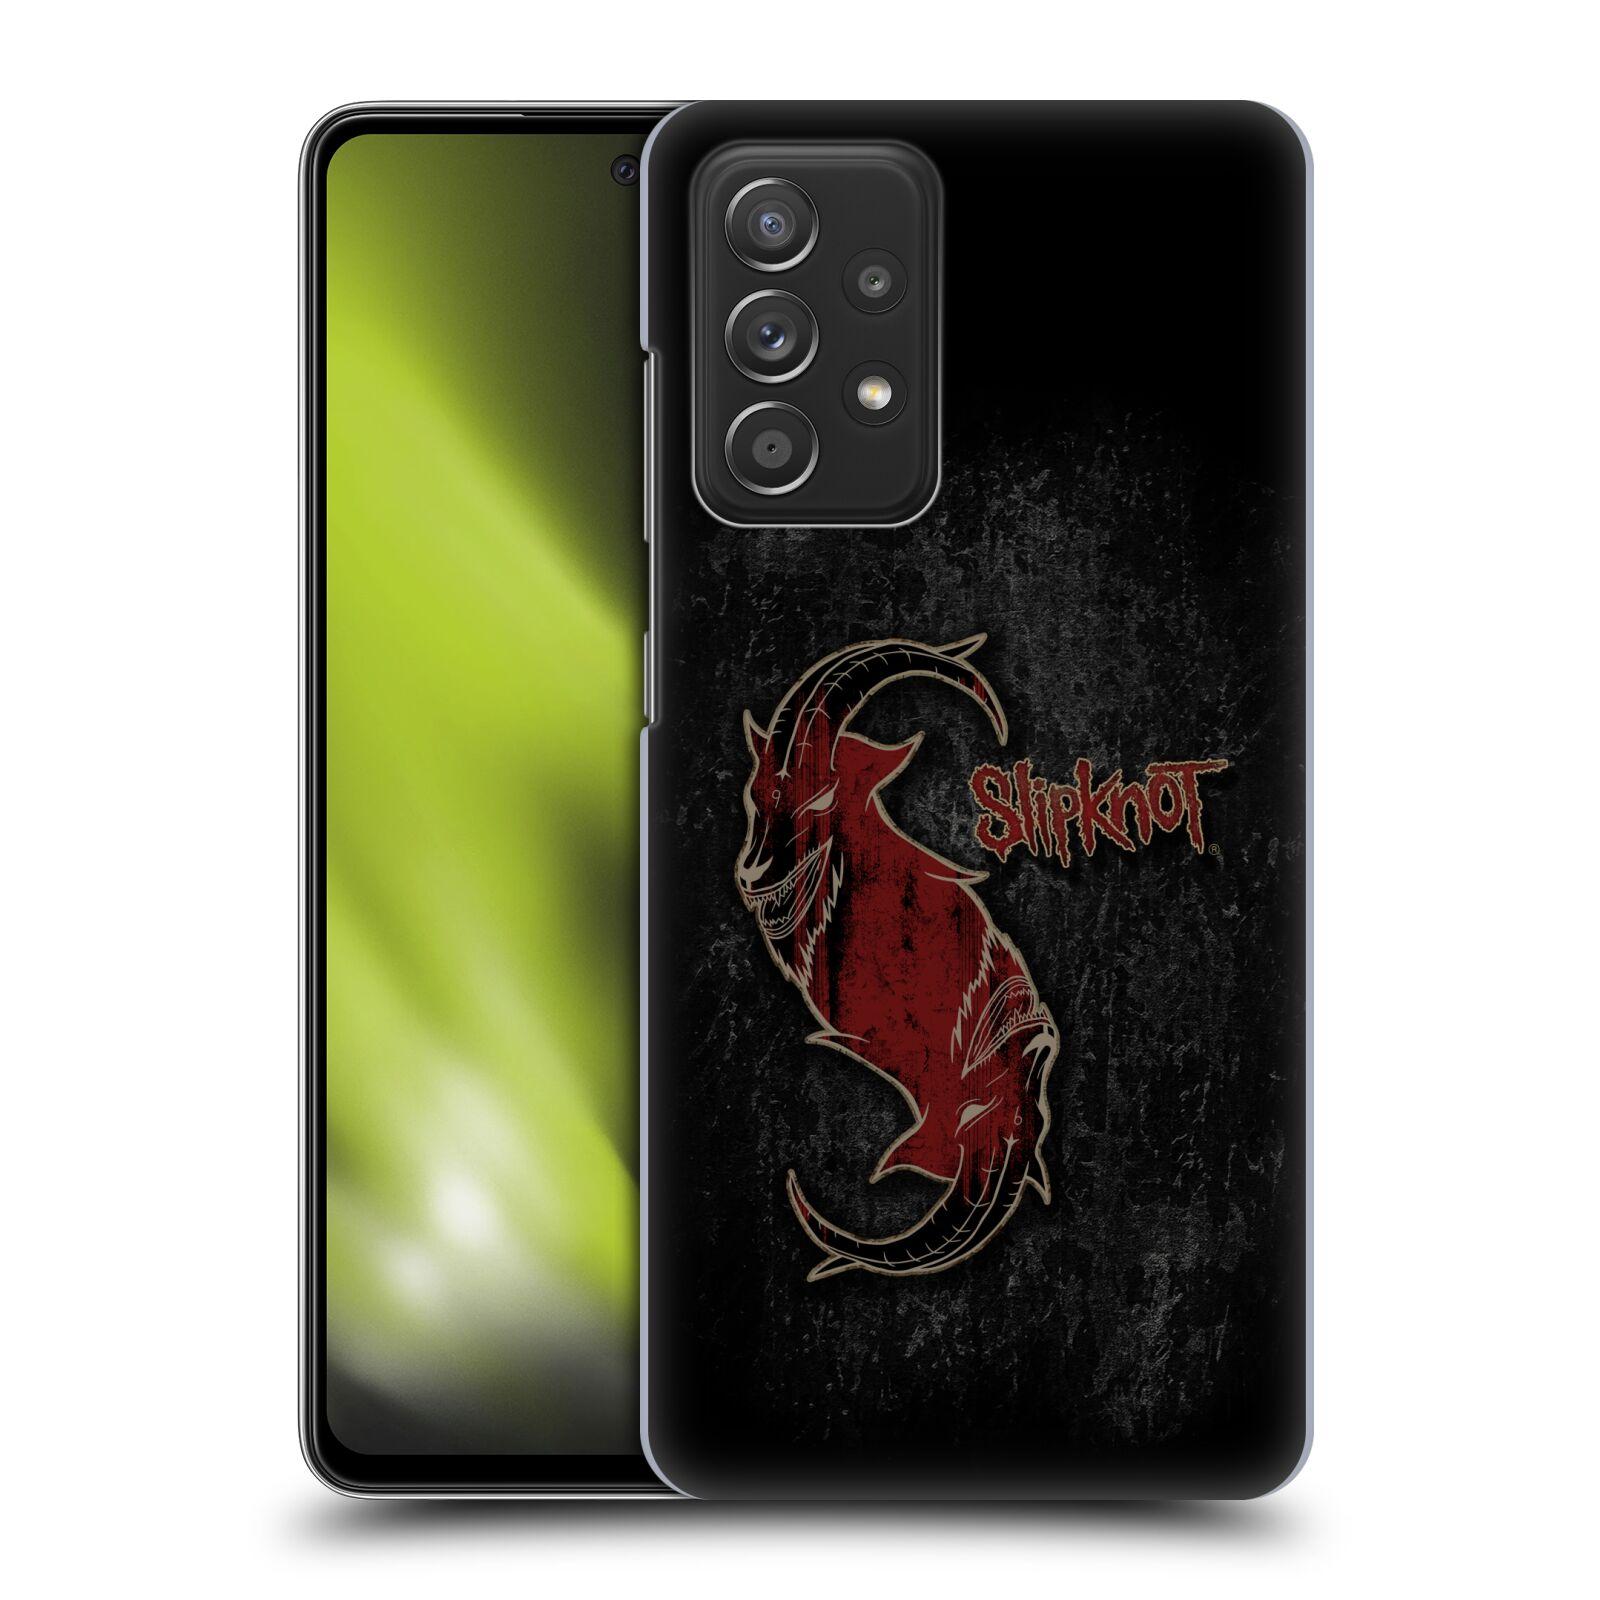 Plastové pouzdro na mobil Samsung Galaxy A52 / A52 5G / A52s 5G - Head Case - Slipknot - Rudý kozel